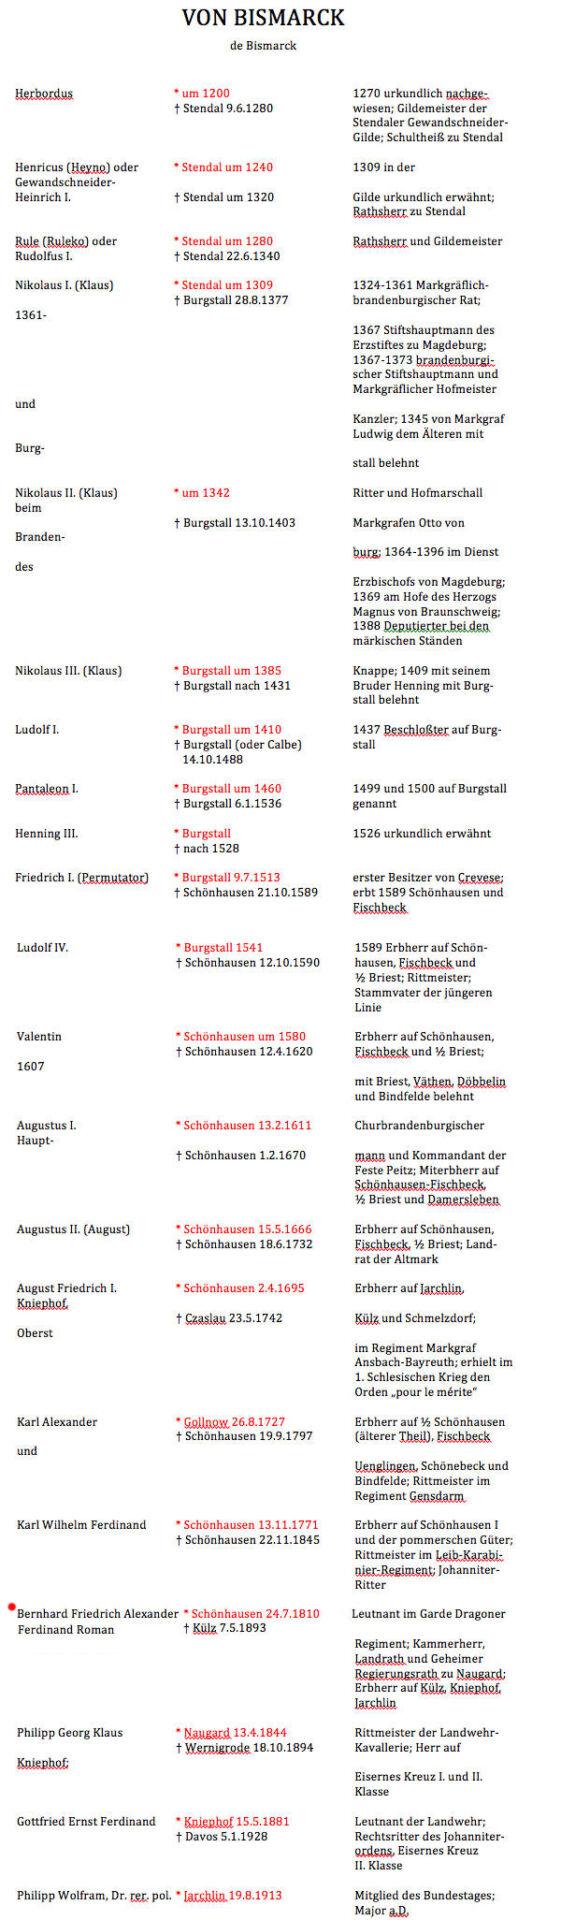 Stammreihe von Bismarck